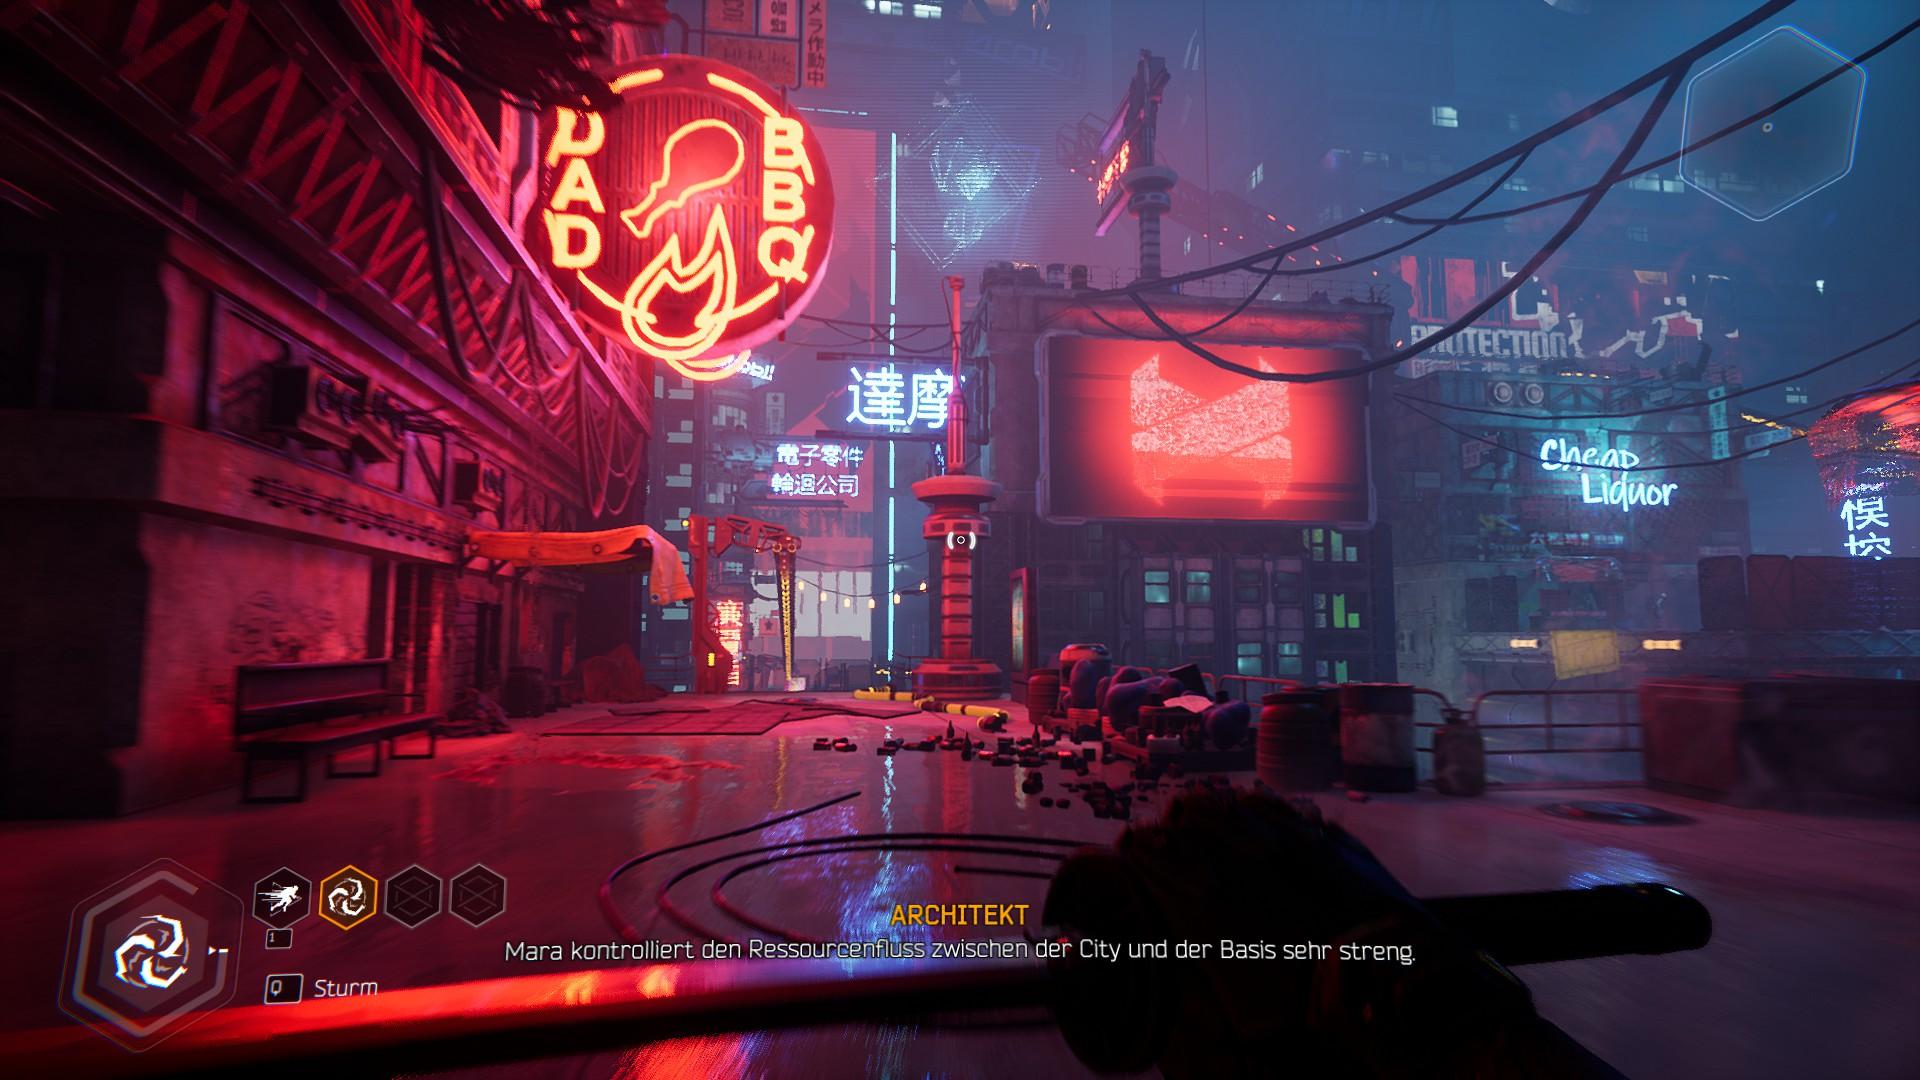 Die Stadt mit ihren Neonlichtern, ist sehr schön anzusehen.